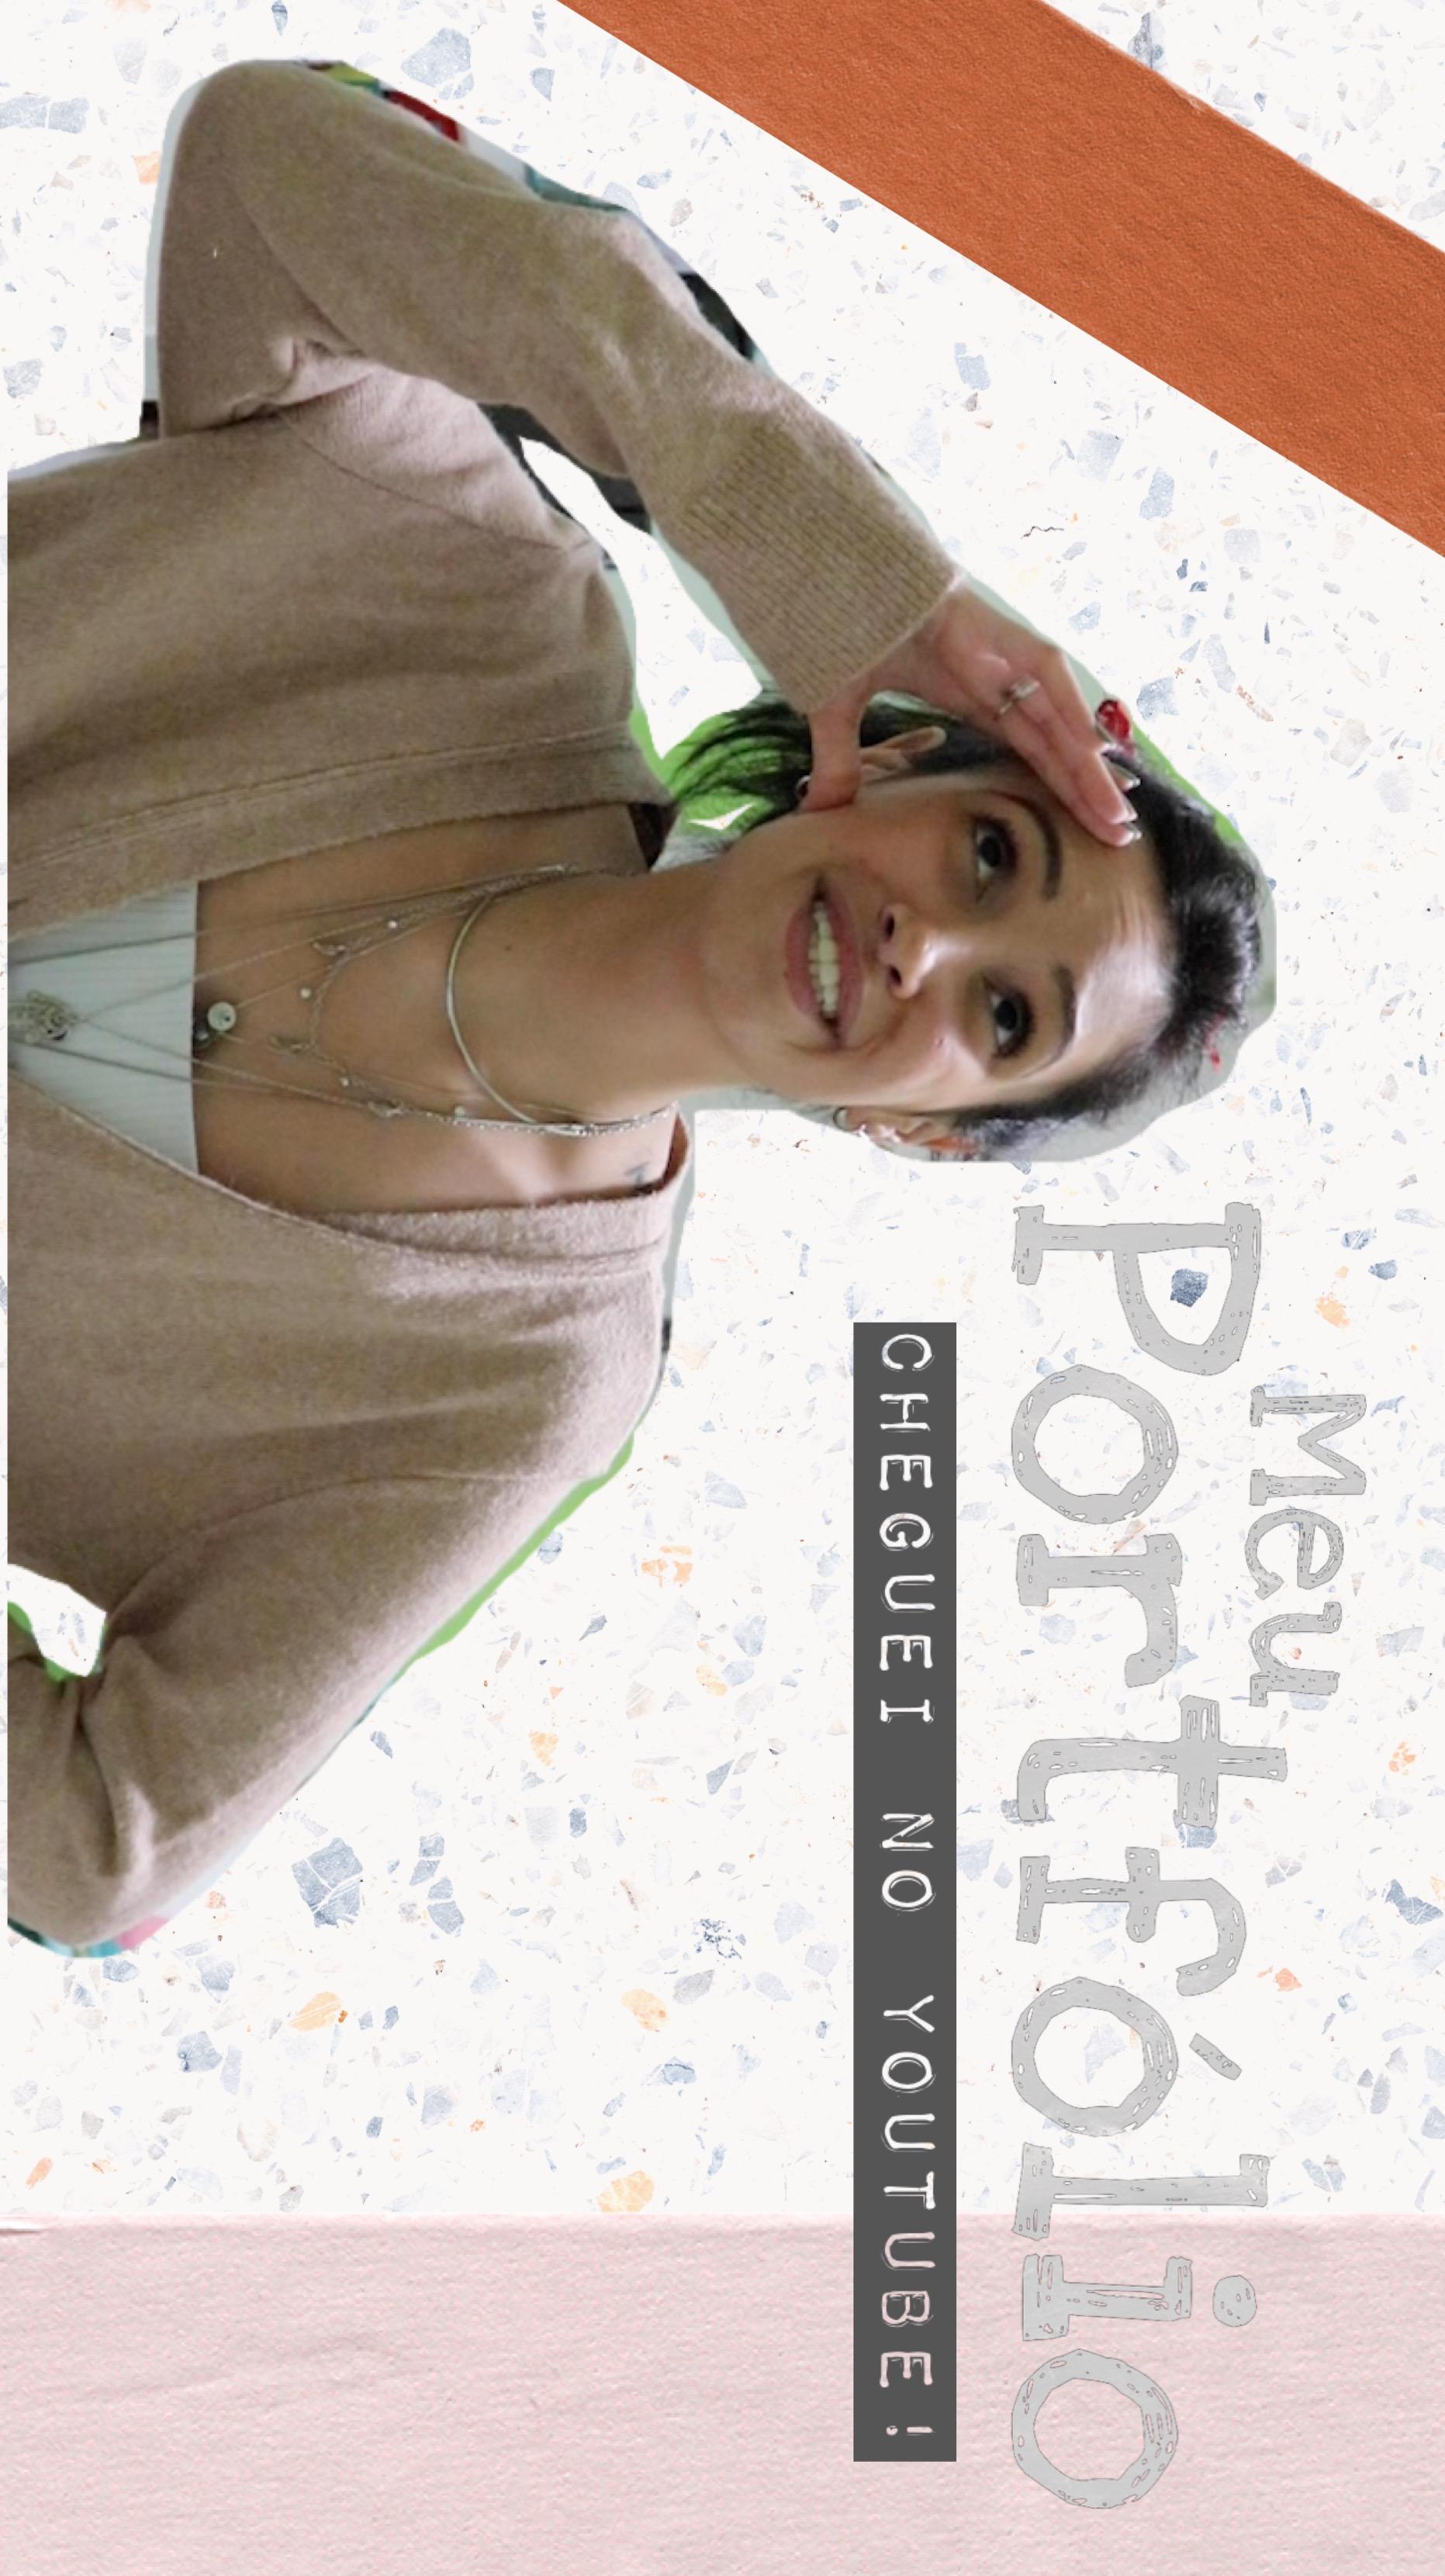 Meu Portfólio: Canal no YouTube